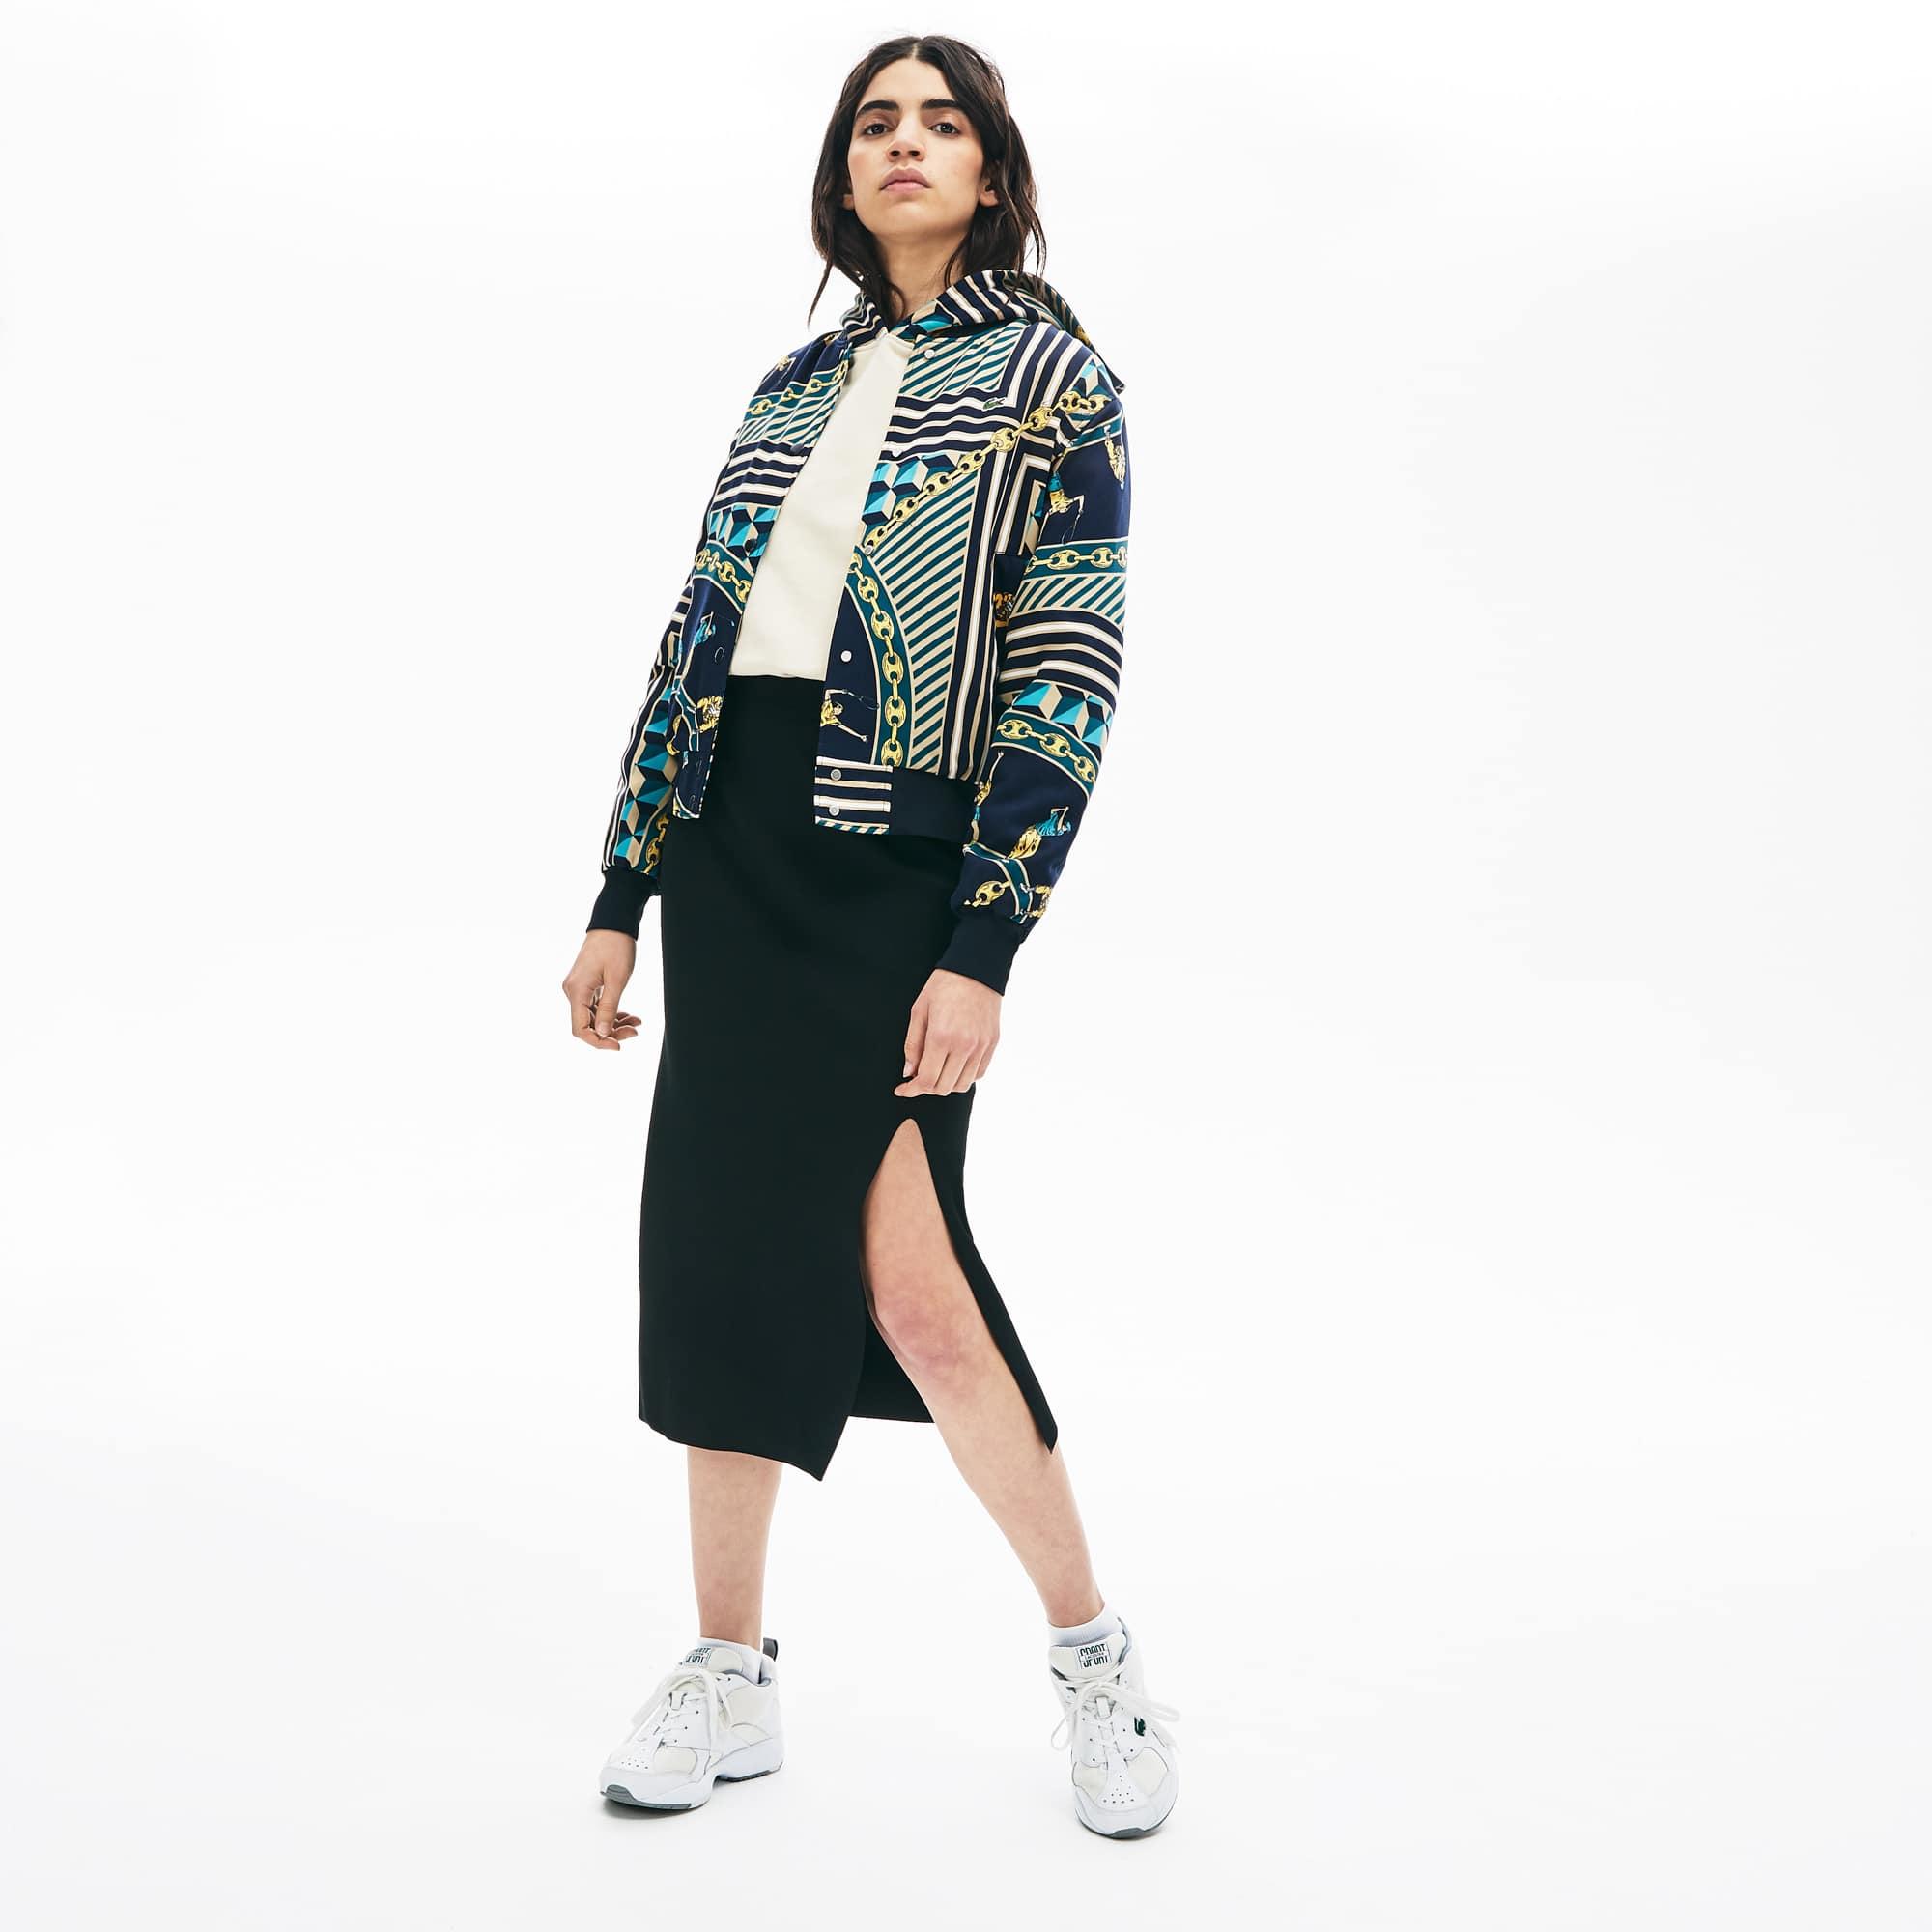 라코스테 라이브 슬릿 니트 스커트 - 블랙 Lacoste Womens LIVE Slit-Front Knit Skirt